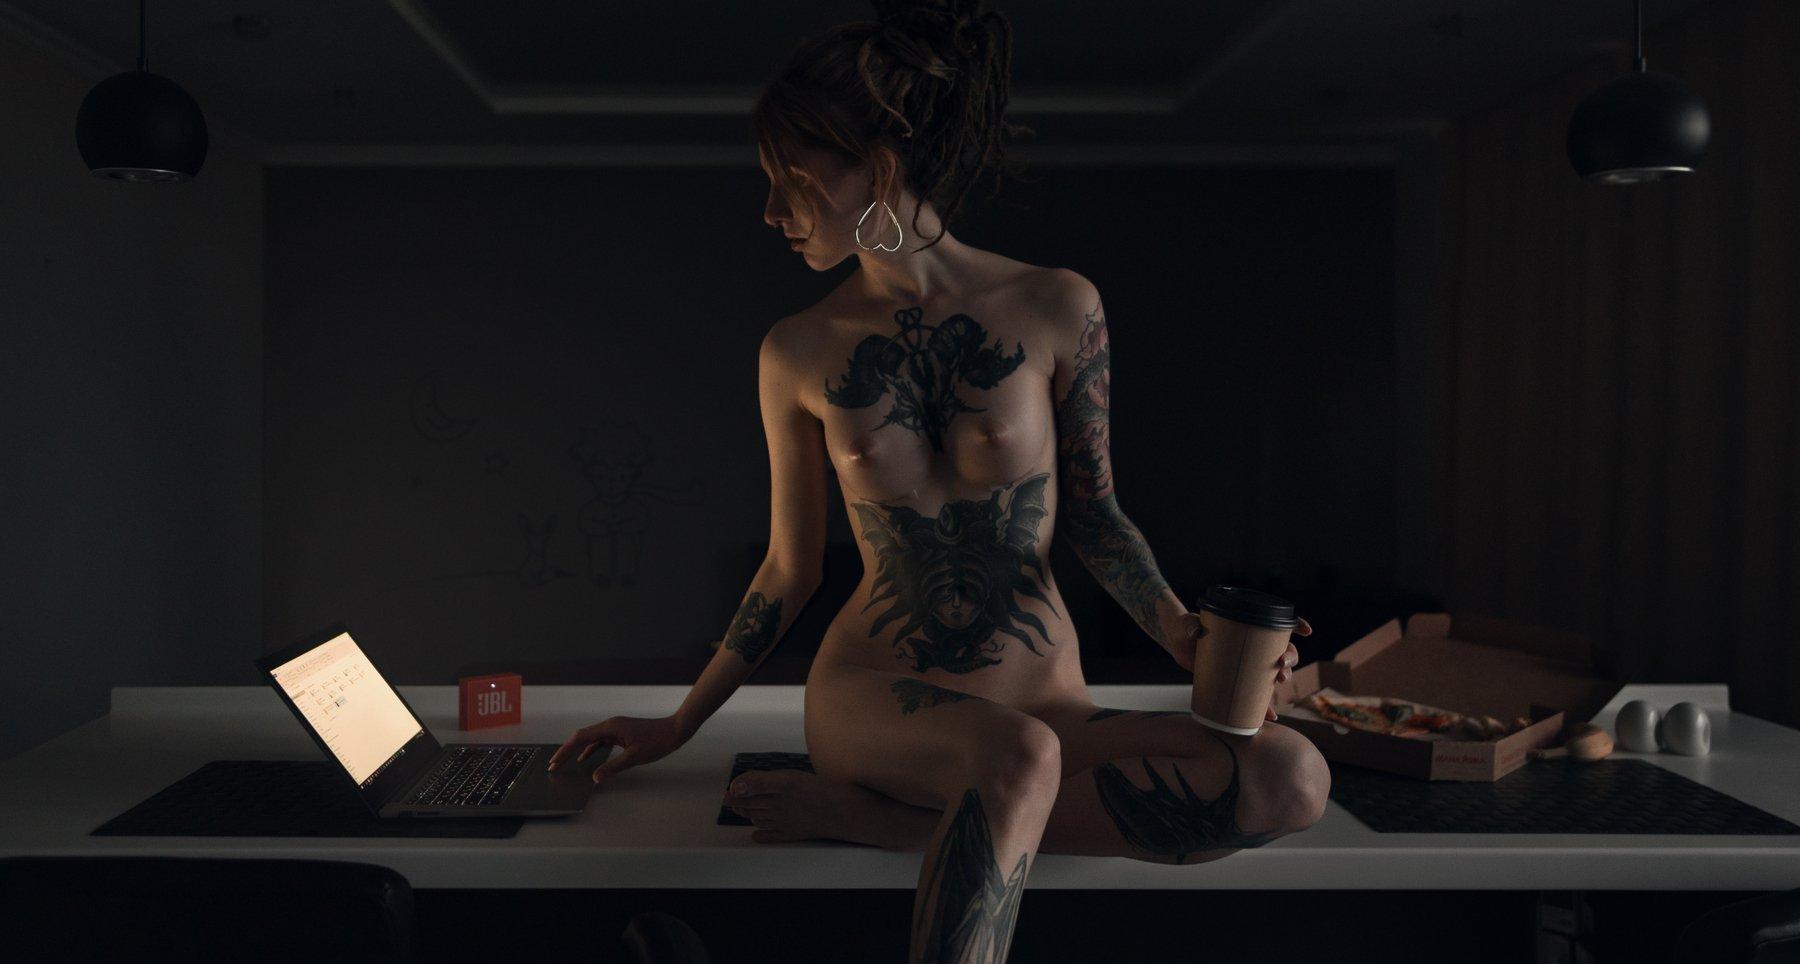 girl, nude, naked, tattoo, kitchen, laptop, notebook, coffee, pizza, spb, saint-petersburg, Роман Филиппов